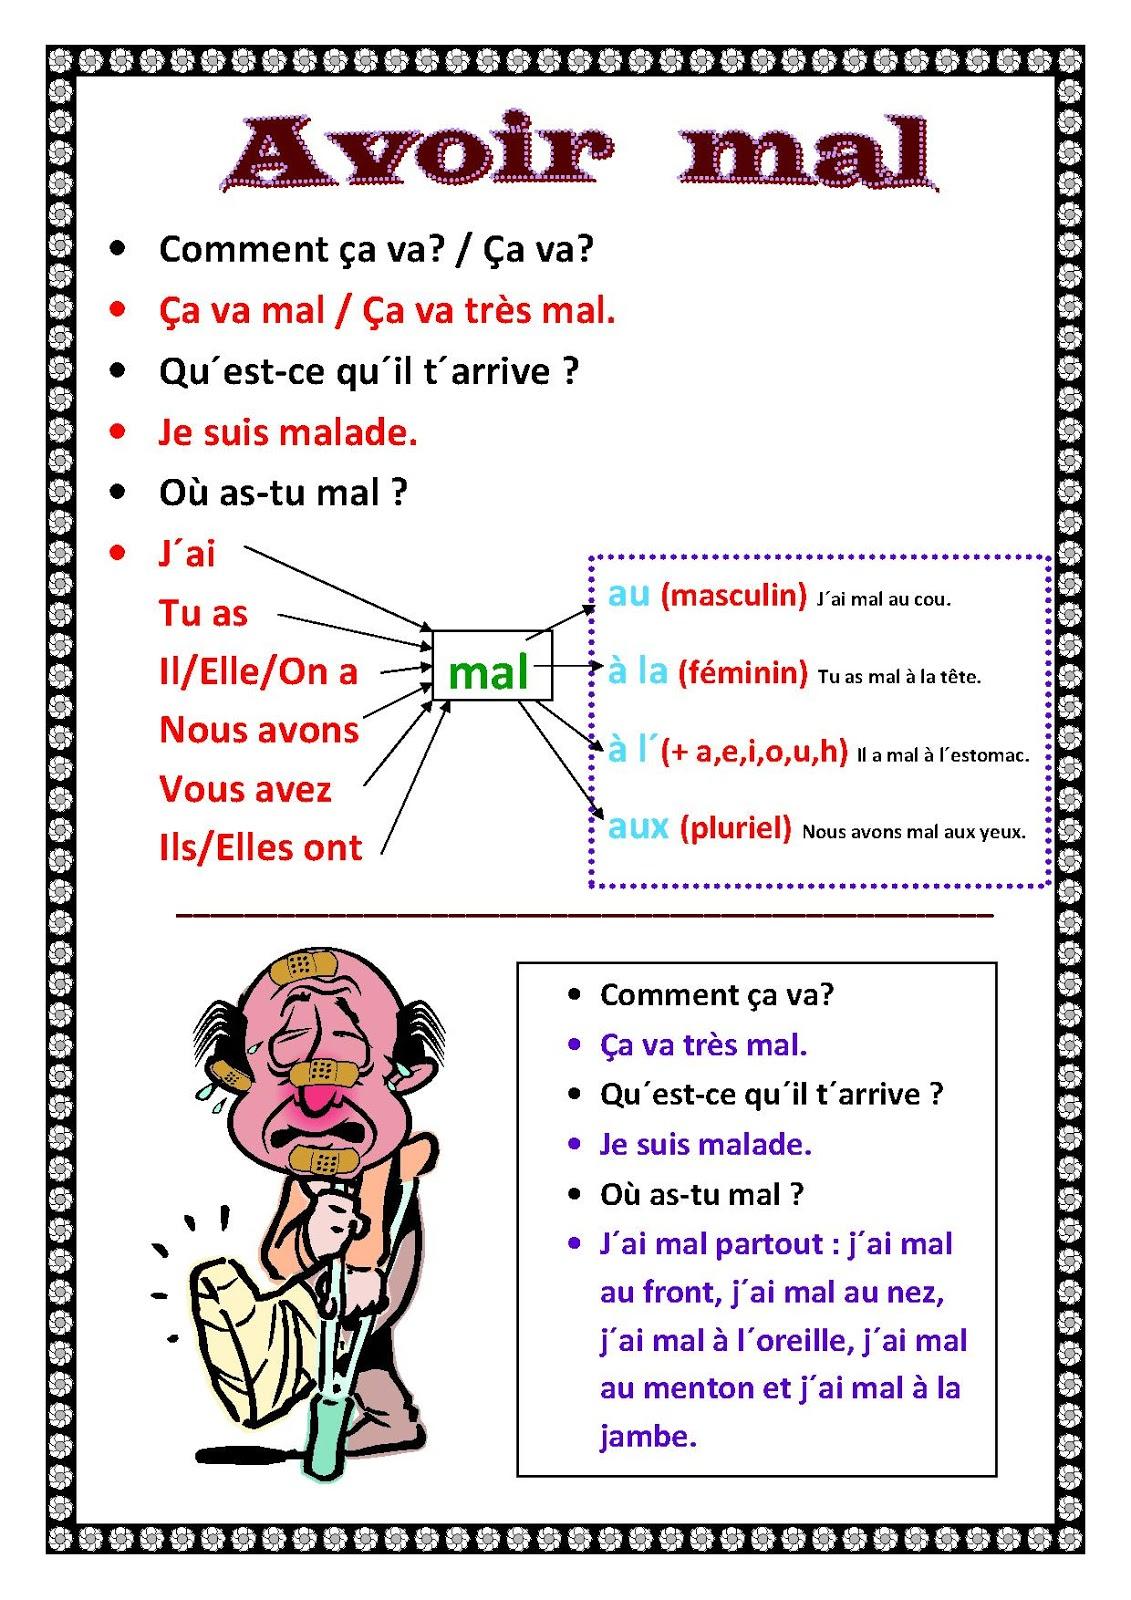 Unterrichtsmaterial Für Französisch In Der Grundschule avec Comptine Bonjour Madame Lundi